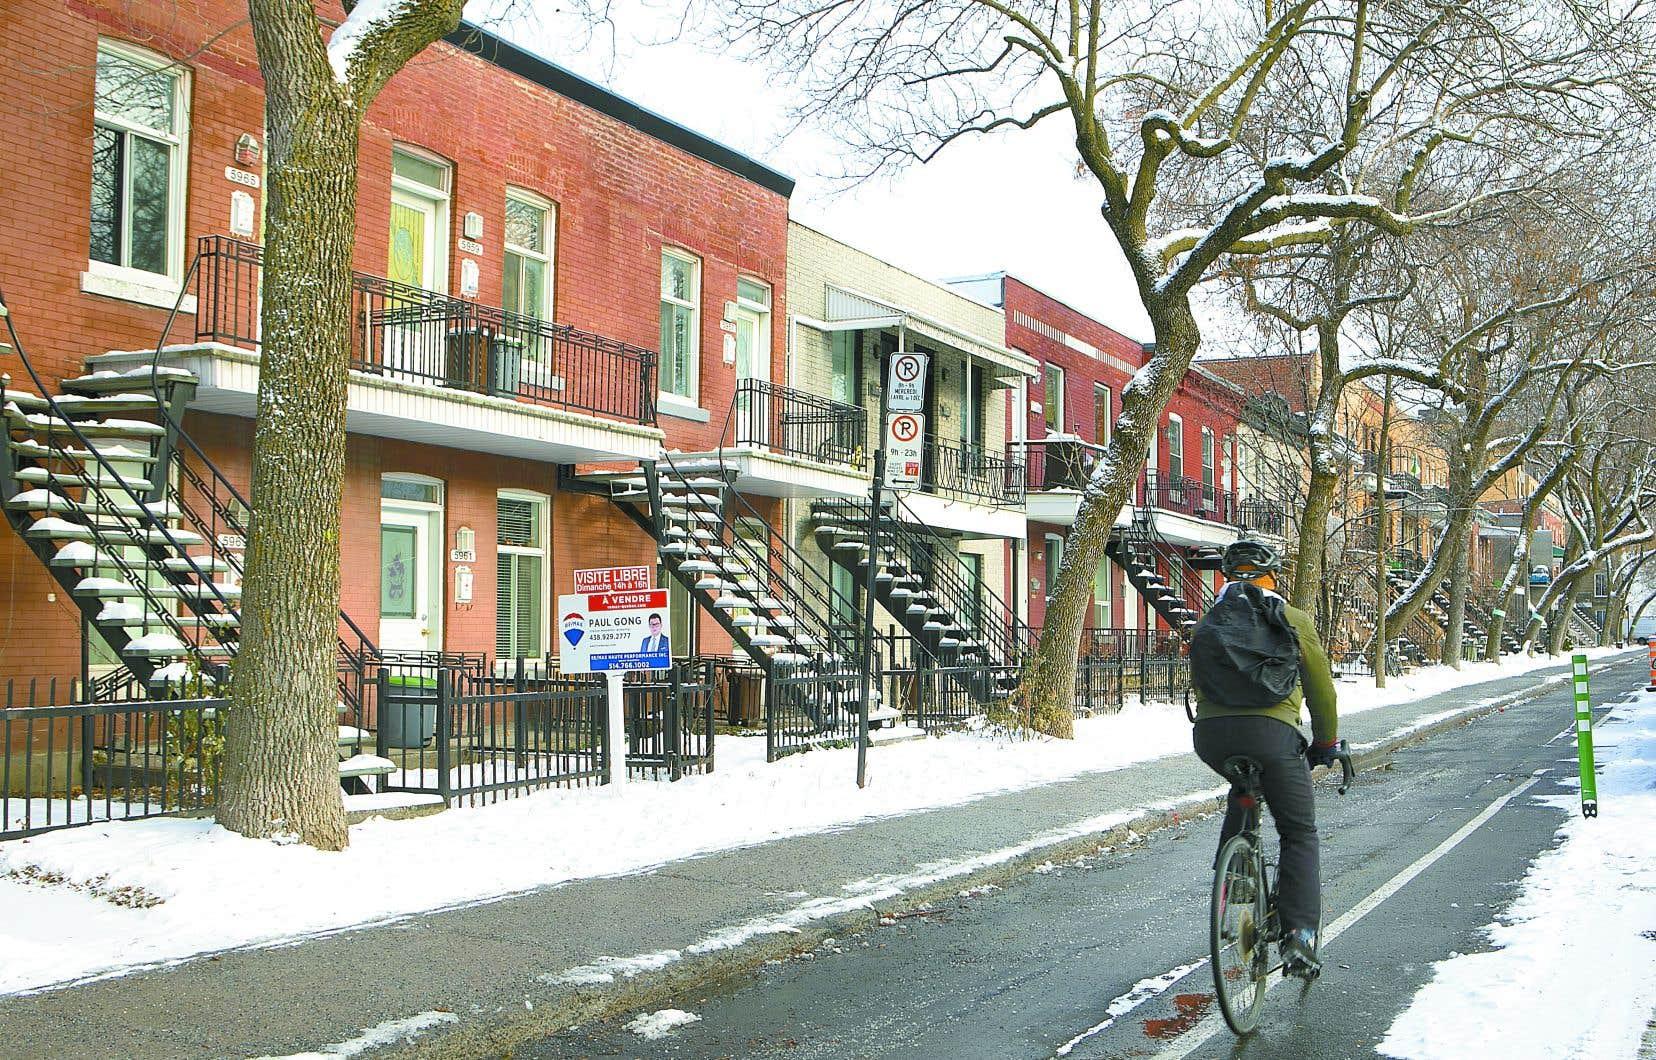 La crise du logement frappe la plupart des villes du Québec, qui affichent des taux d'inoccupation inférieurs à 3%, seuil où l'on considère qu'il y a équilibre entre l'offre et la demande.